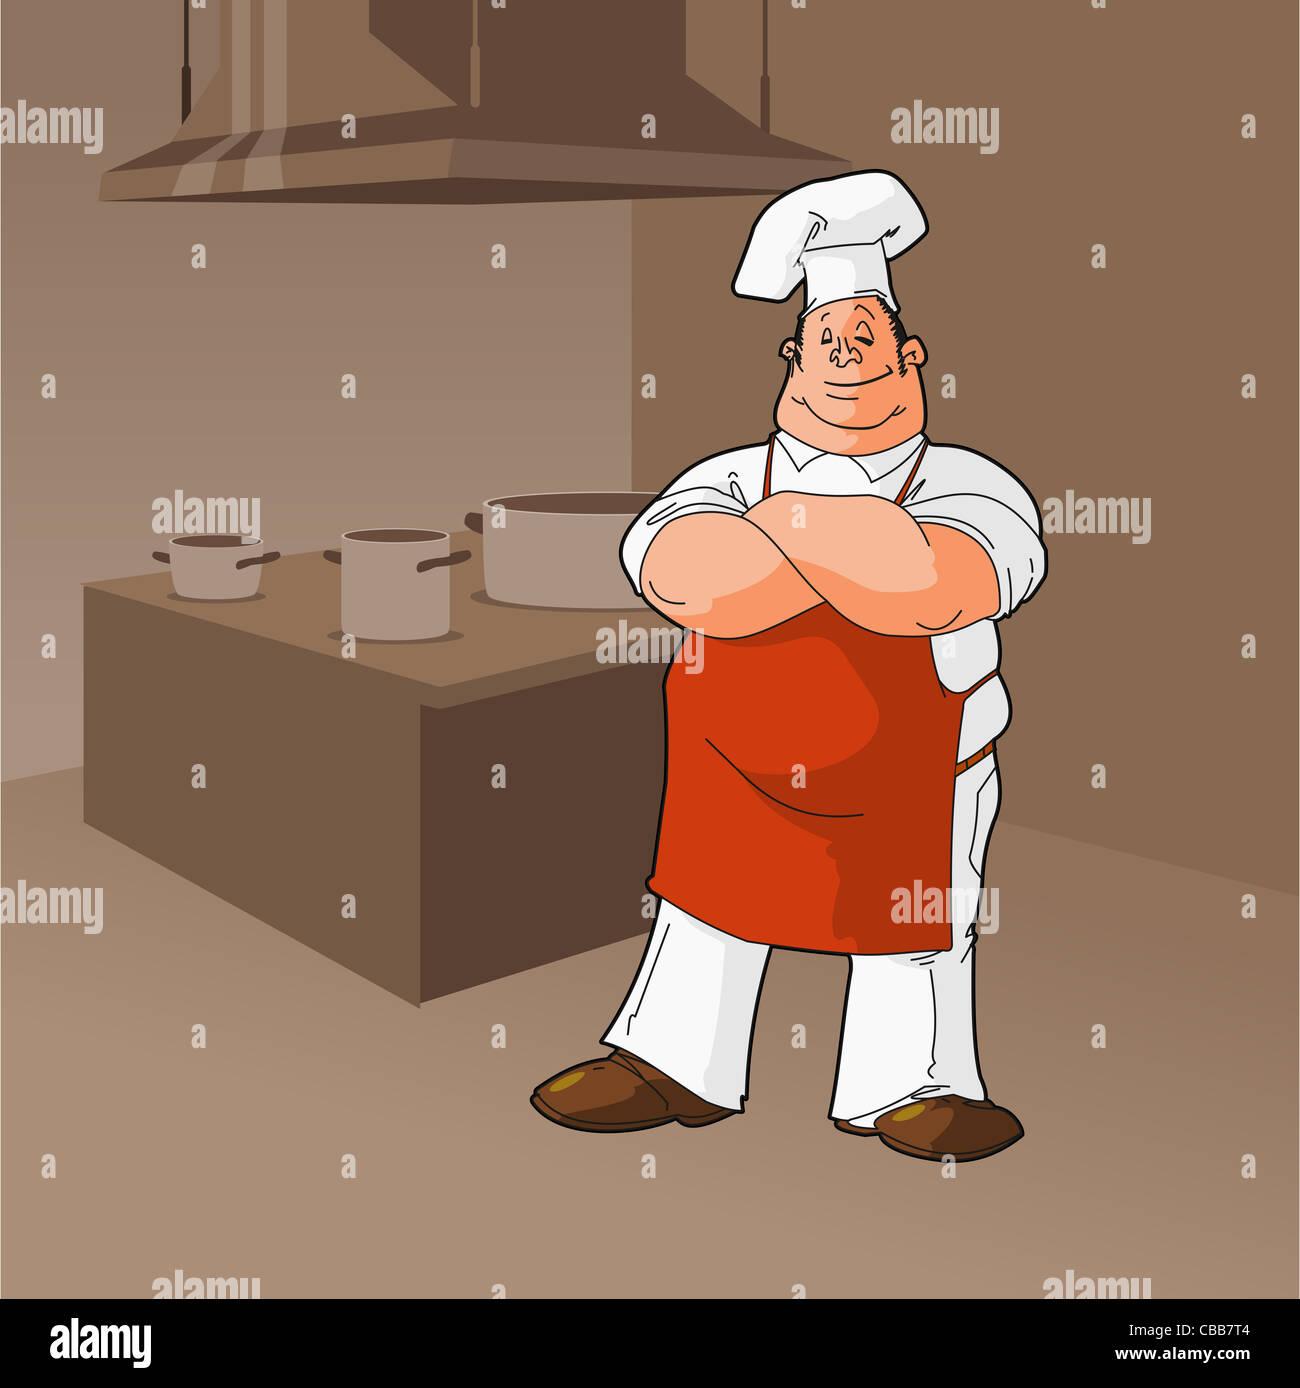 Koch In Einer Kuche Clipart Koch Mit Kuchenausstattung In Braunen